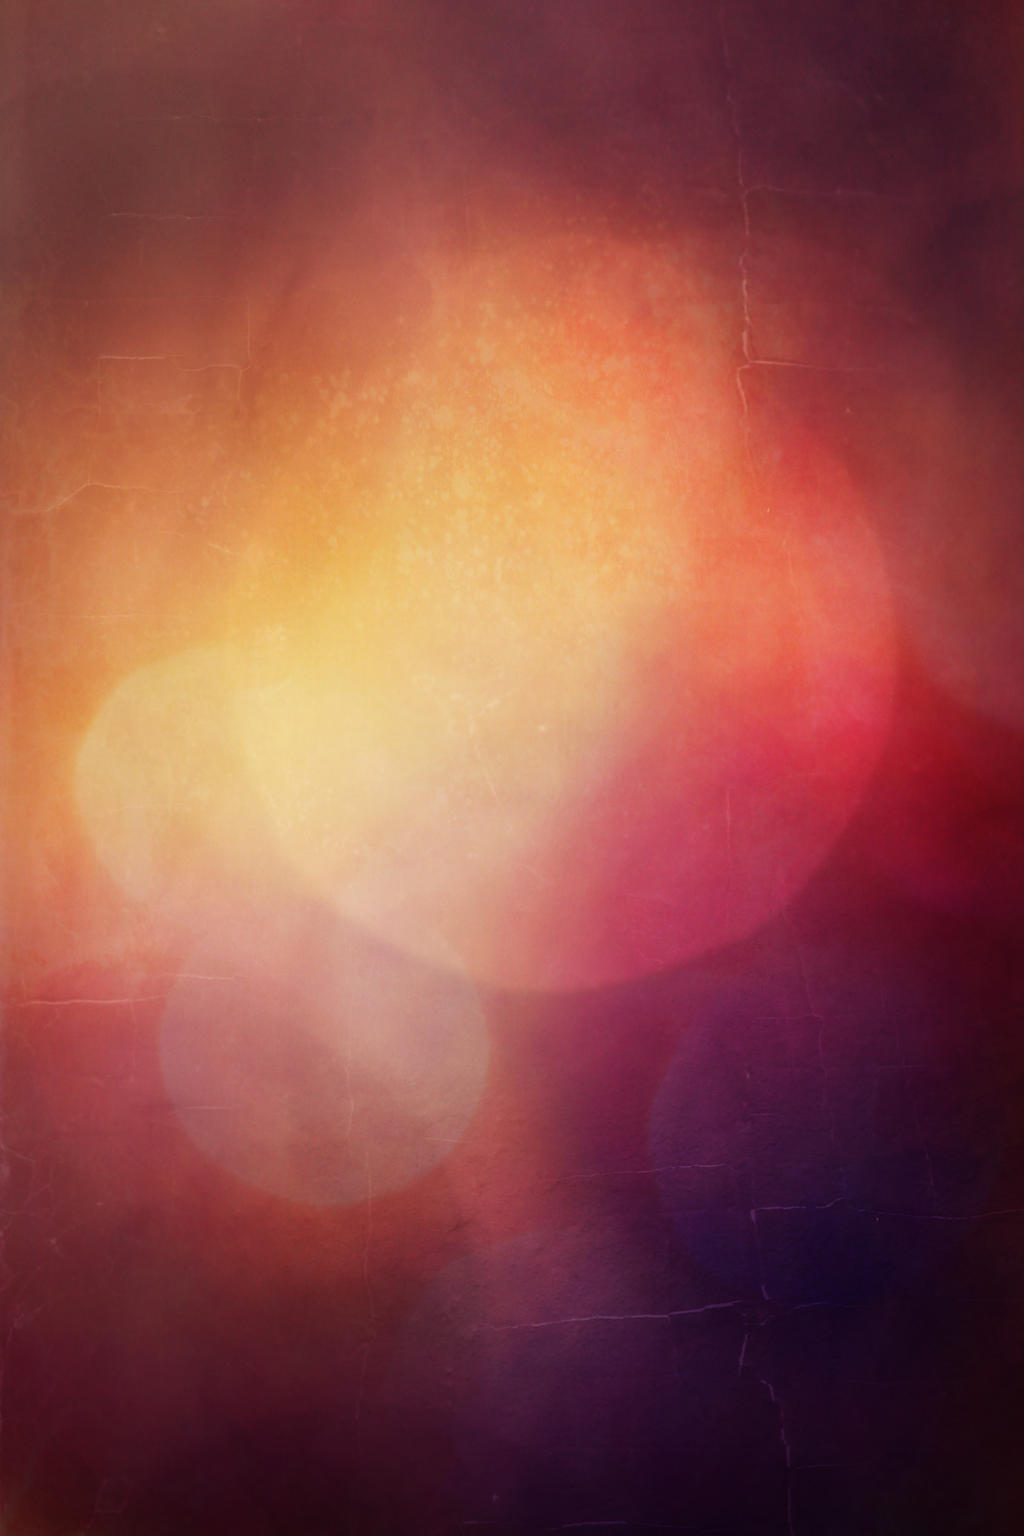 Texture 391 by Sirius-sdz